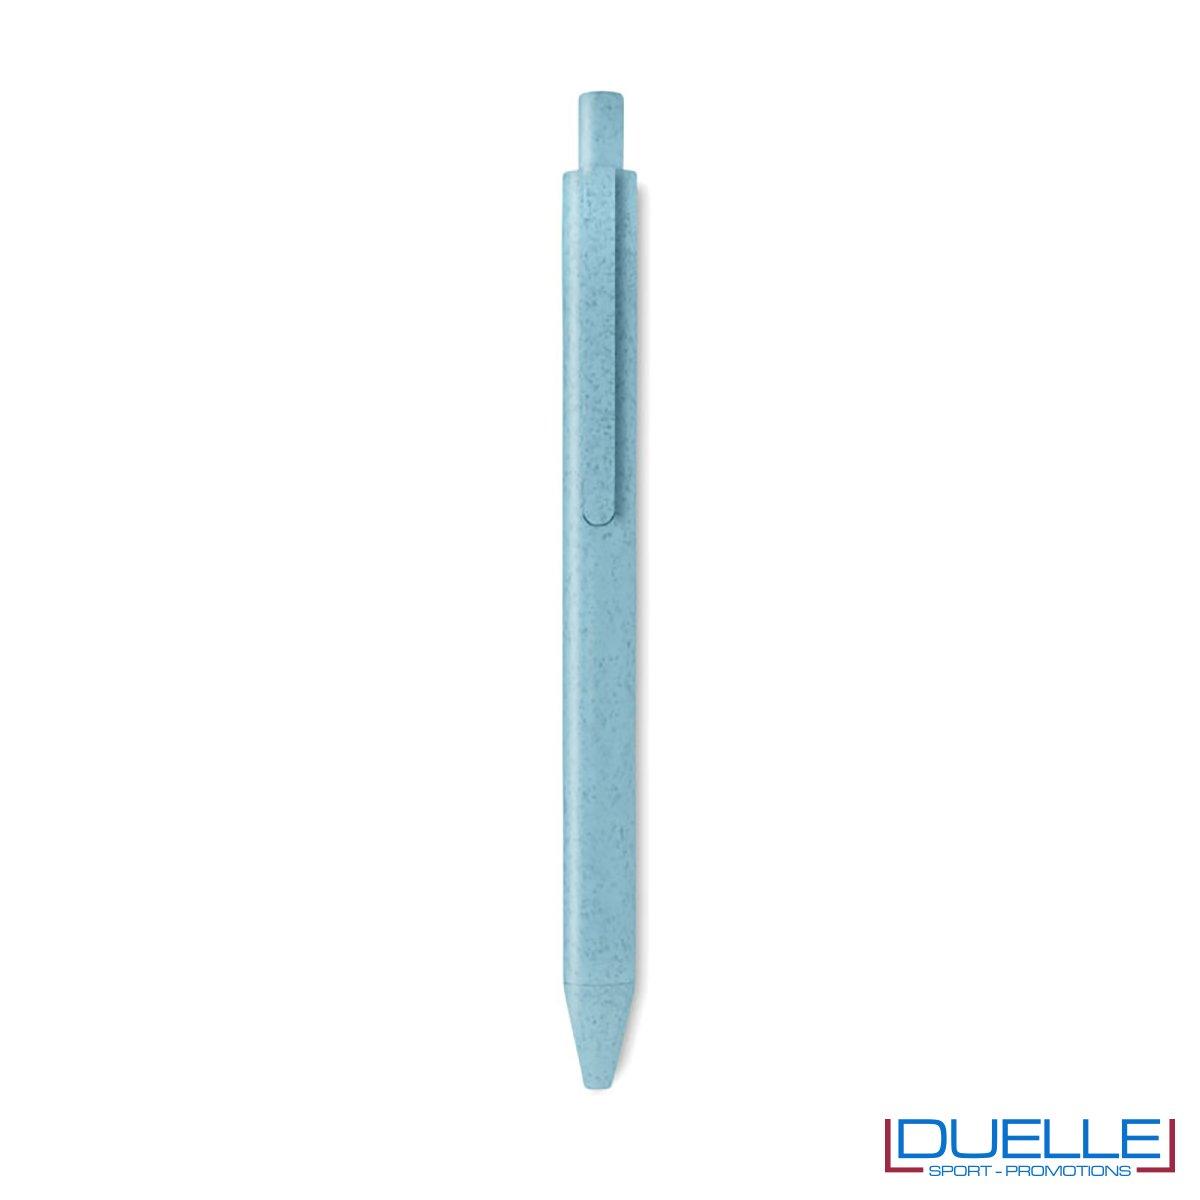 Penna ecologica in fibra di mais personalizzata colore azzurro